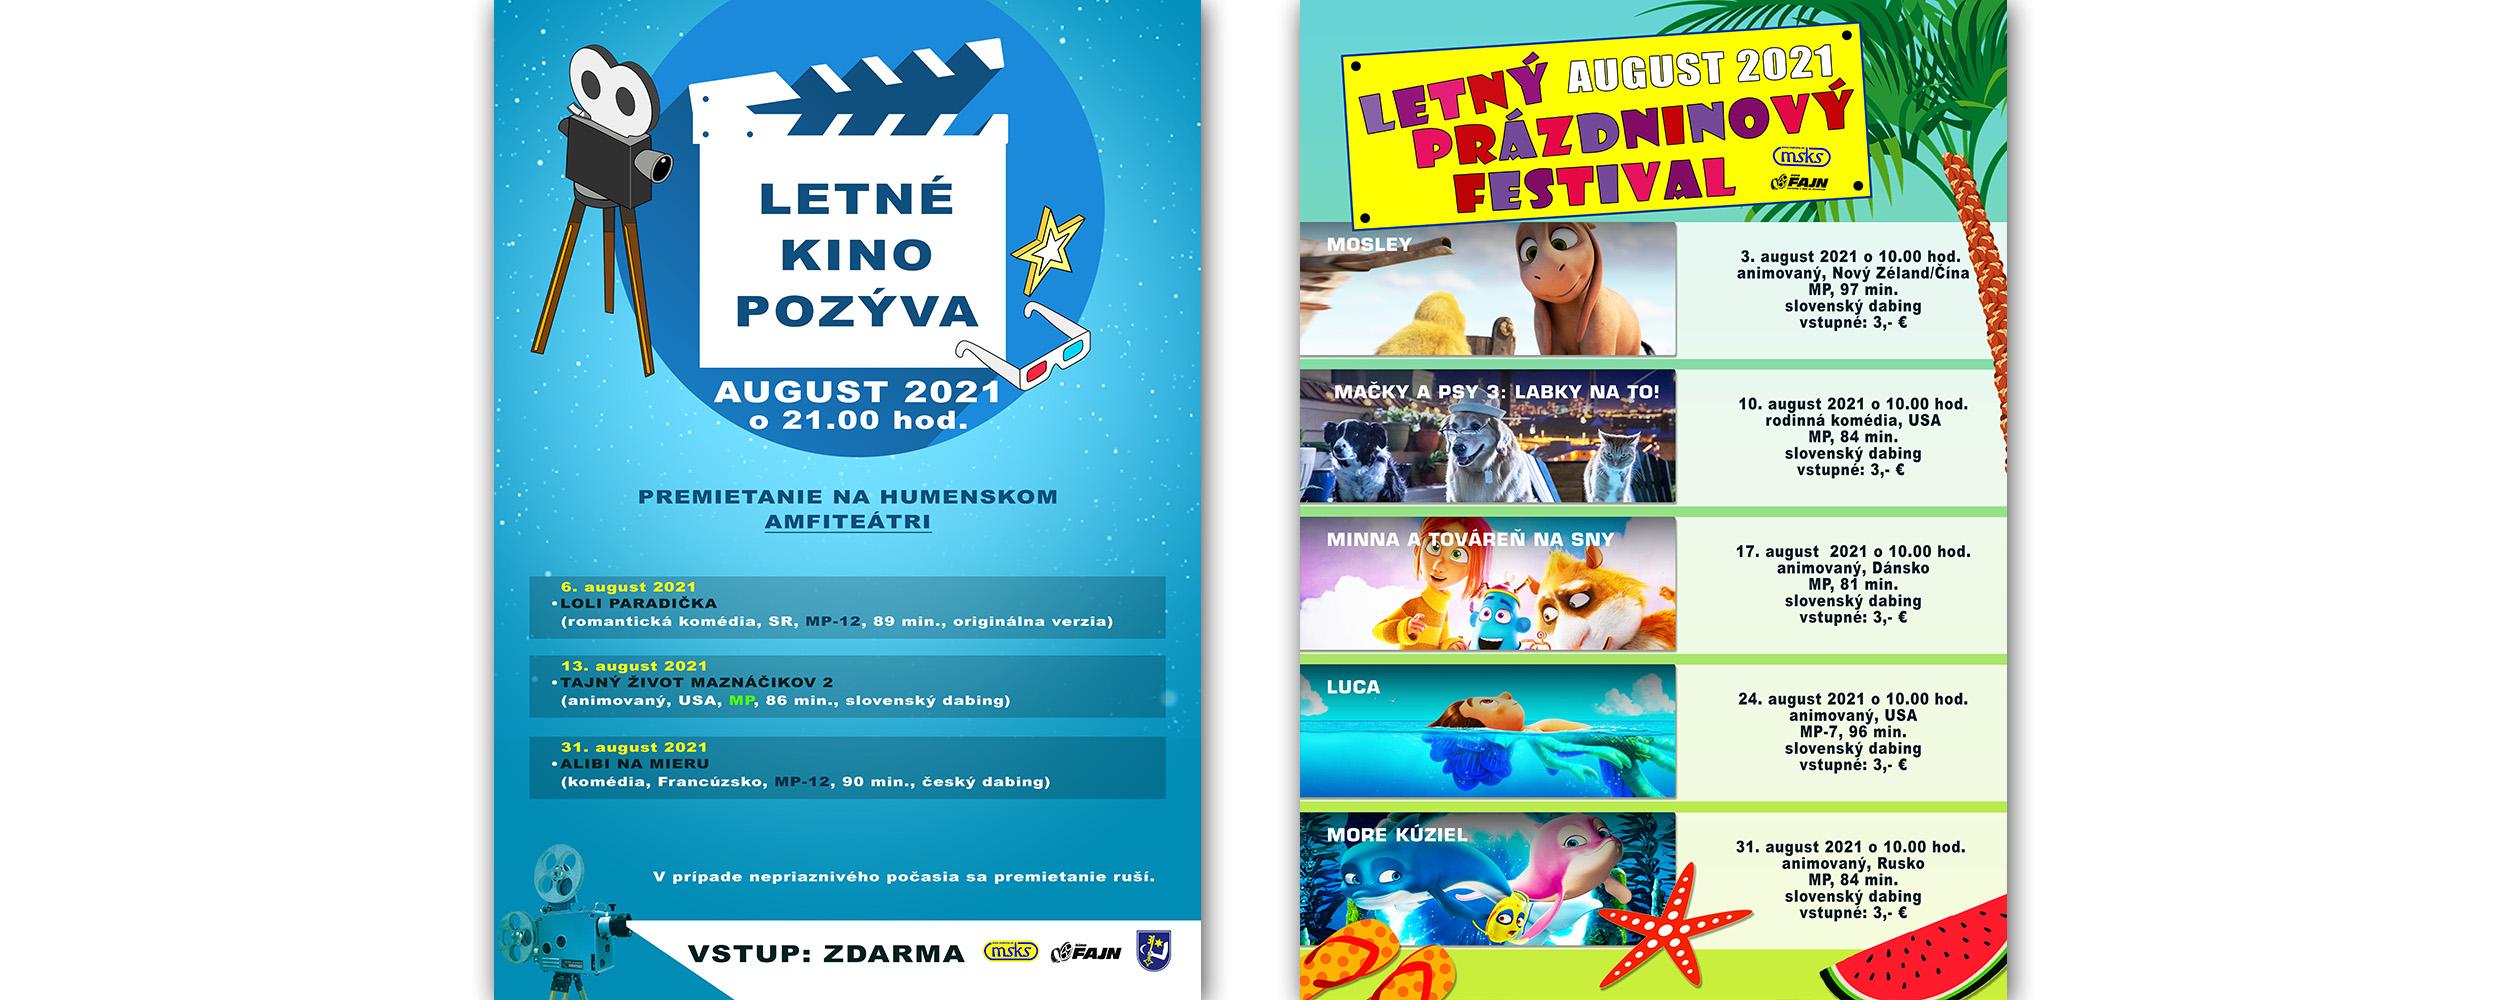 Letné Kino Prazdn Festival August